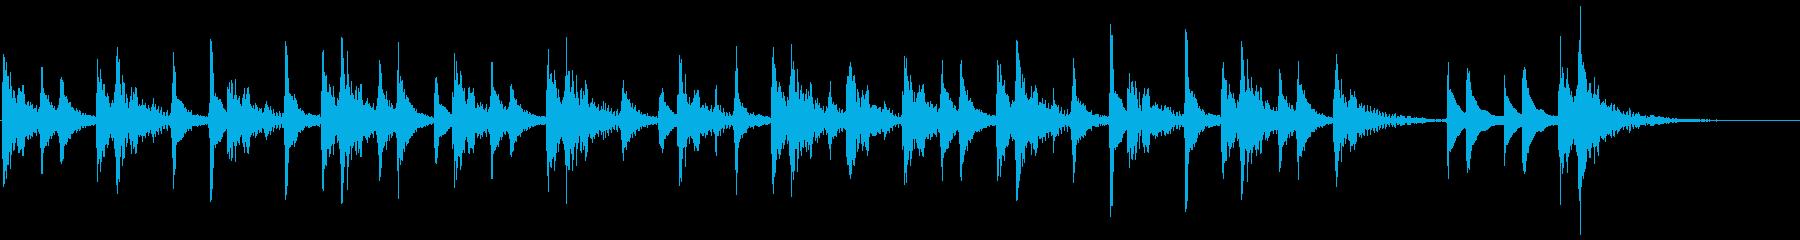 沖縄民謡風CMの再生済みの波形